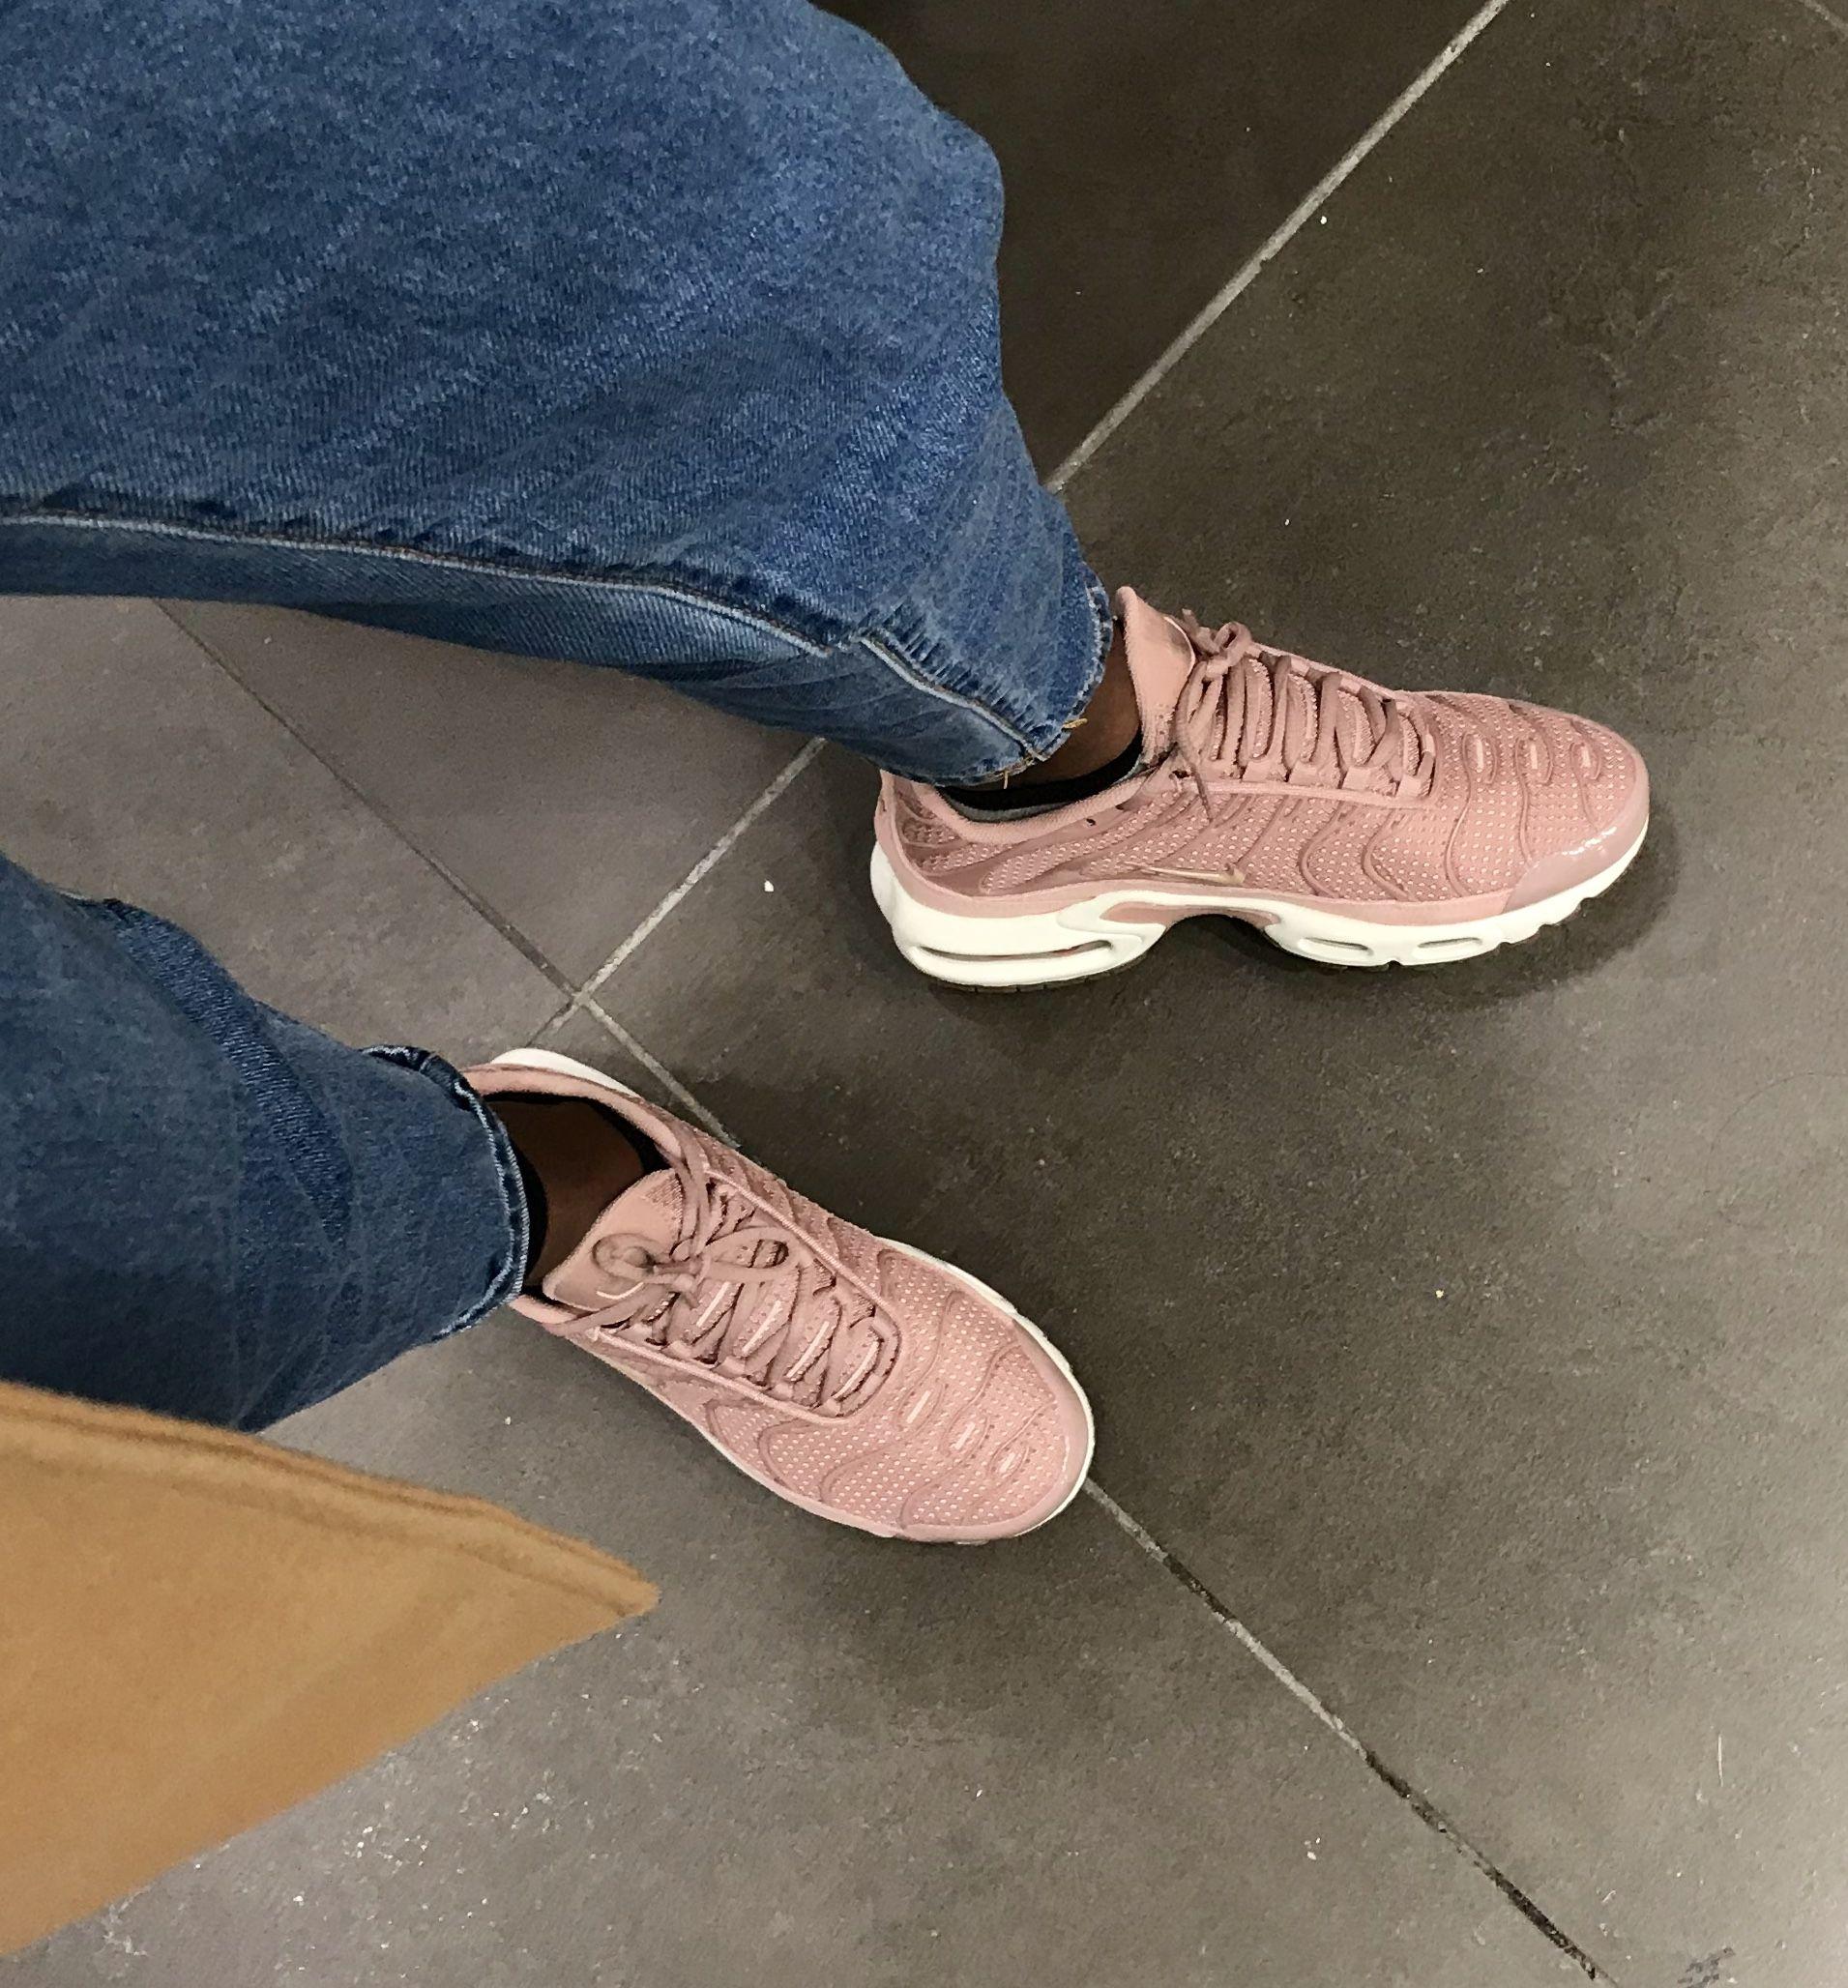 Nike Air Max Plus - Particle Pink | Air